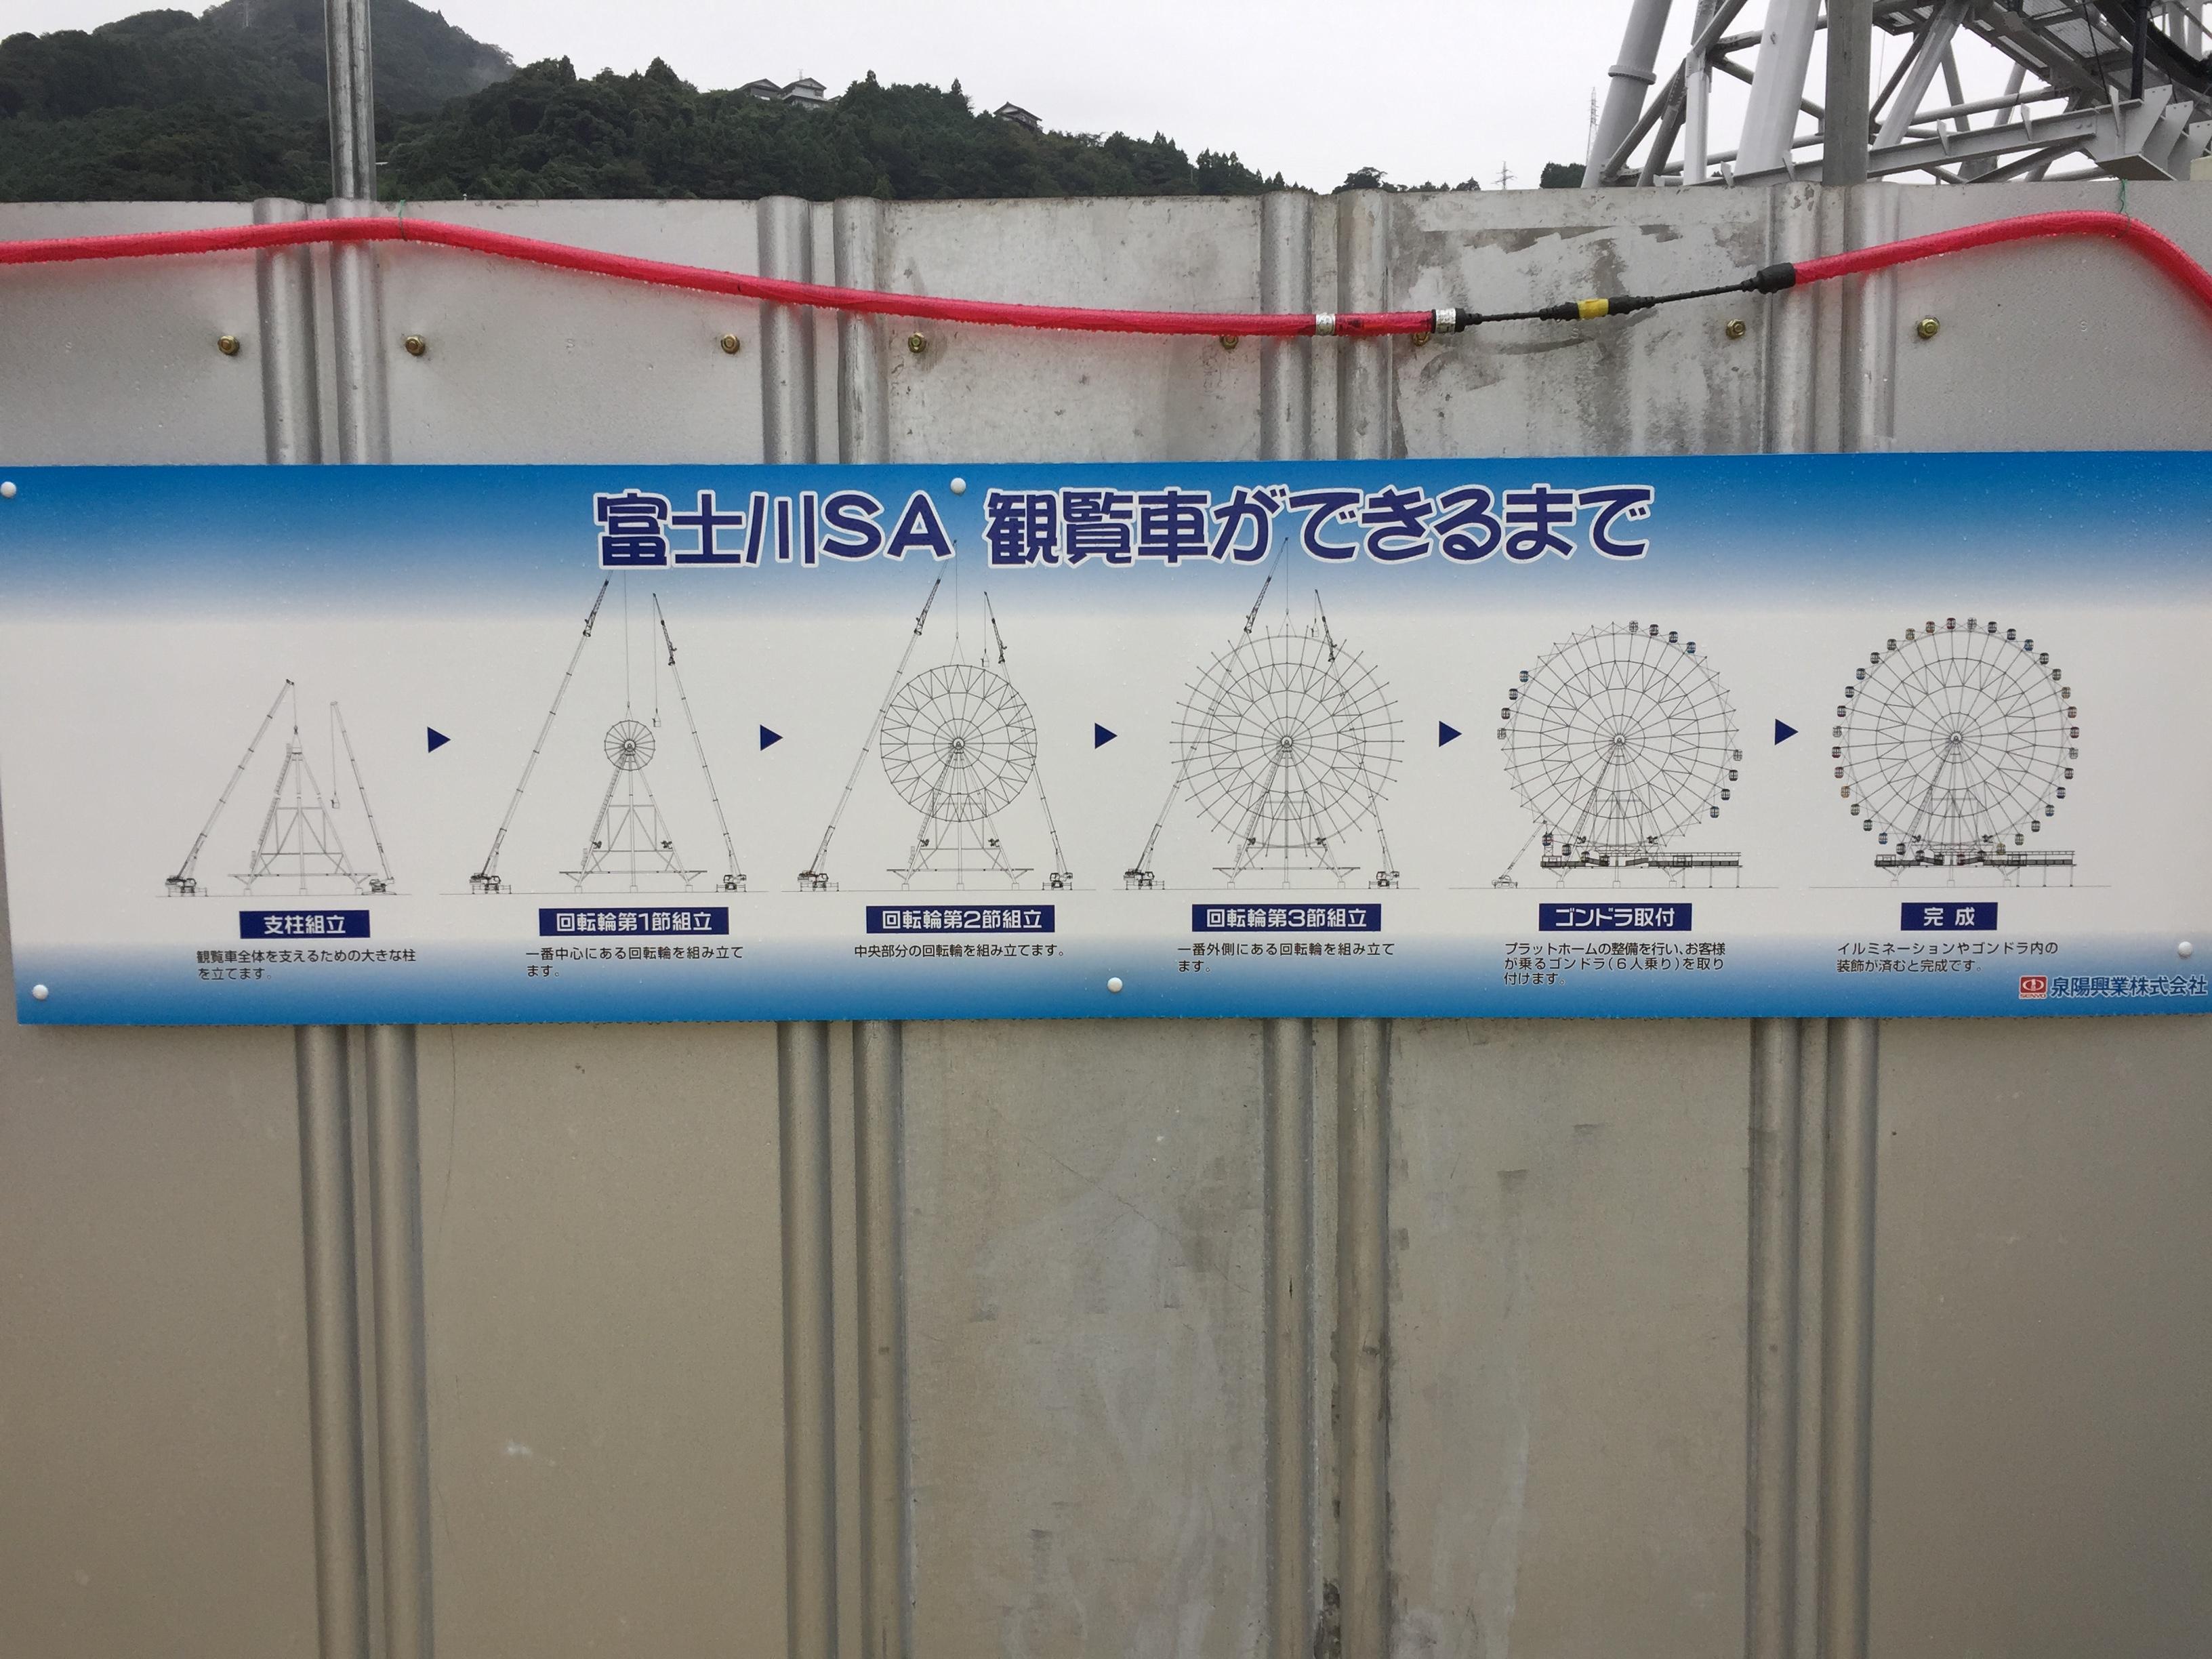 東名高速道路 富士川サービスエリア